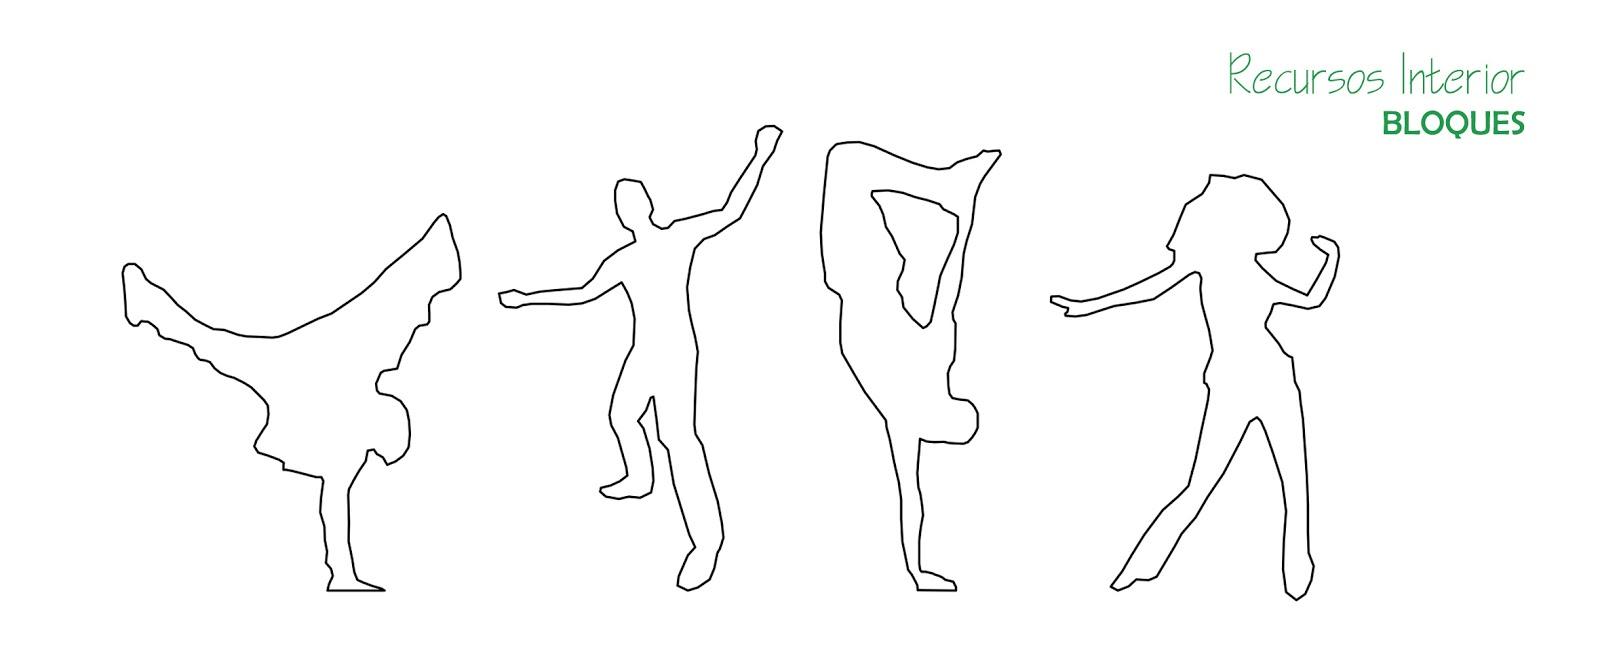 Descarga gratis 10 bloques .dwg. Silueta de personas bailando ...